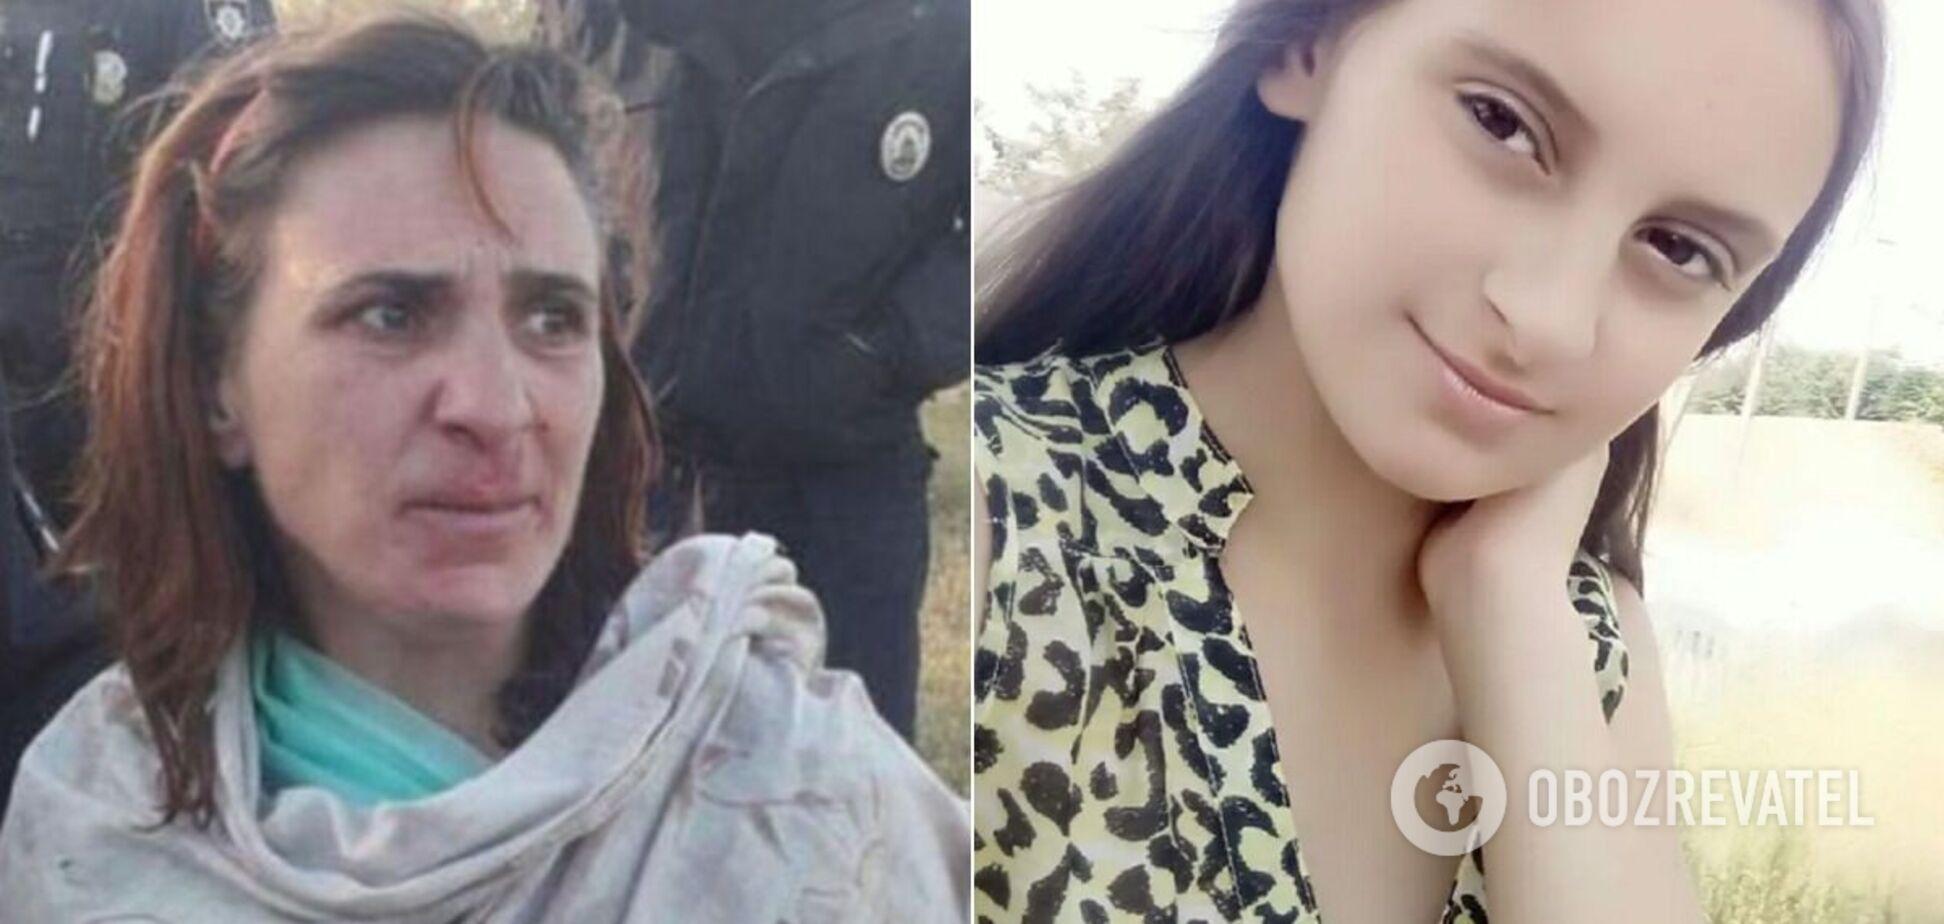 Мать убила дочь в Харьковской области